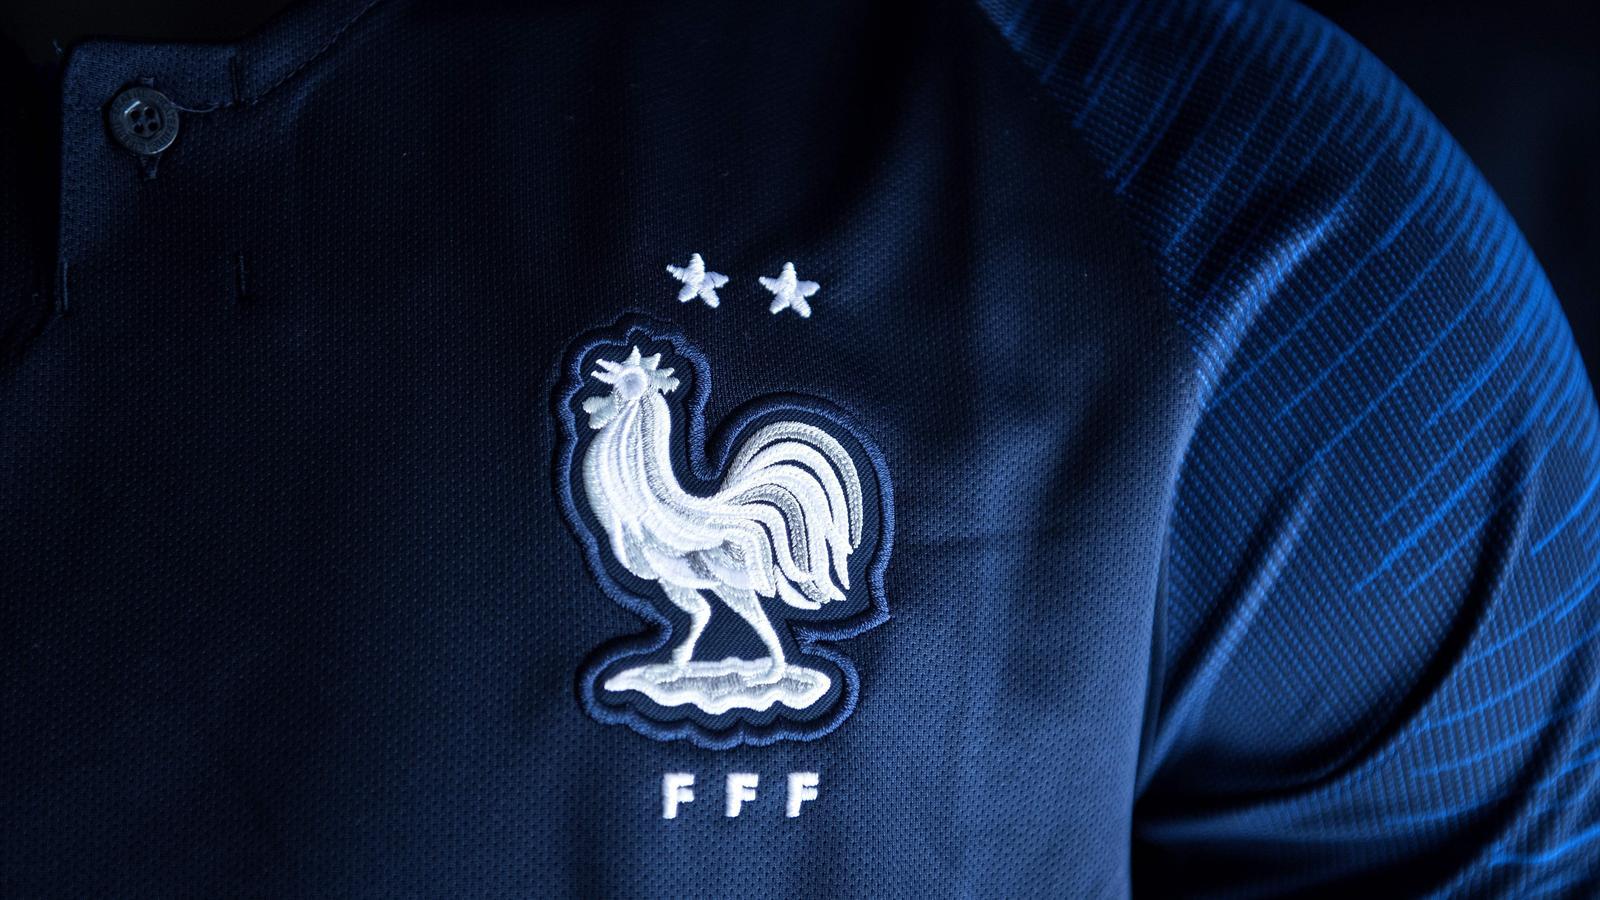 """Equipo francés: Le Graët anuncia camisetas de dos estrellas """"alrededor del 15 o 16 de diciembre"""" - Fútbol"""